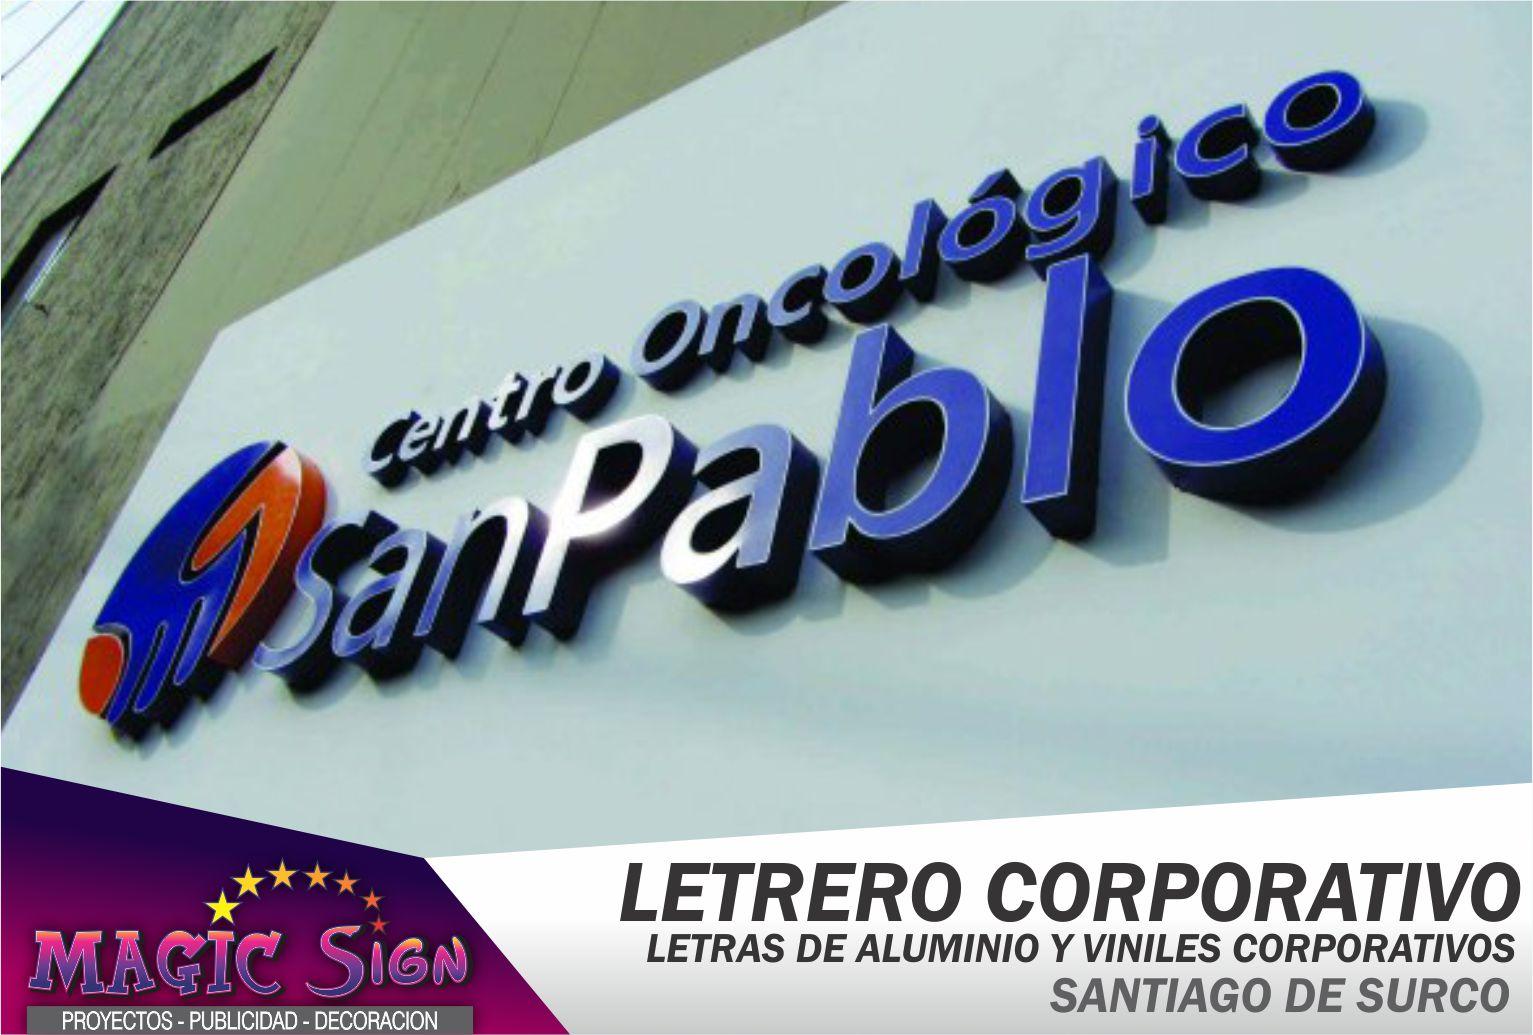 Letreros corporativos